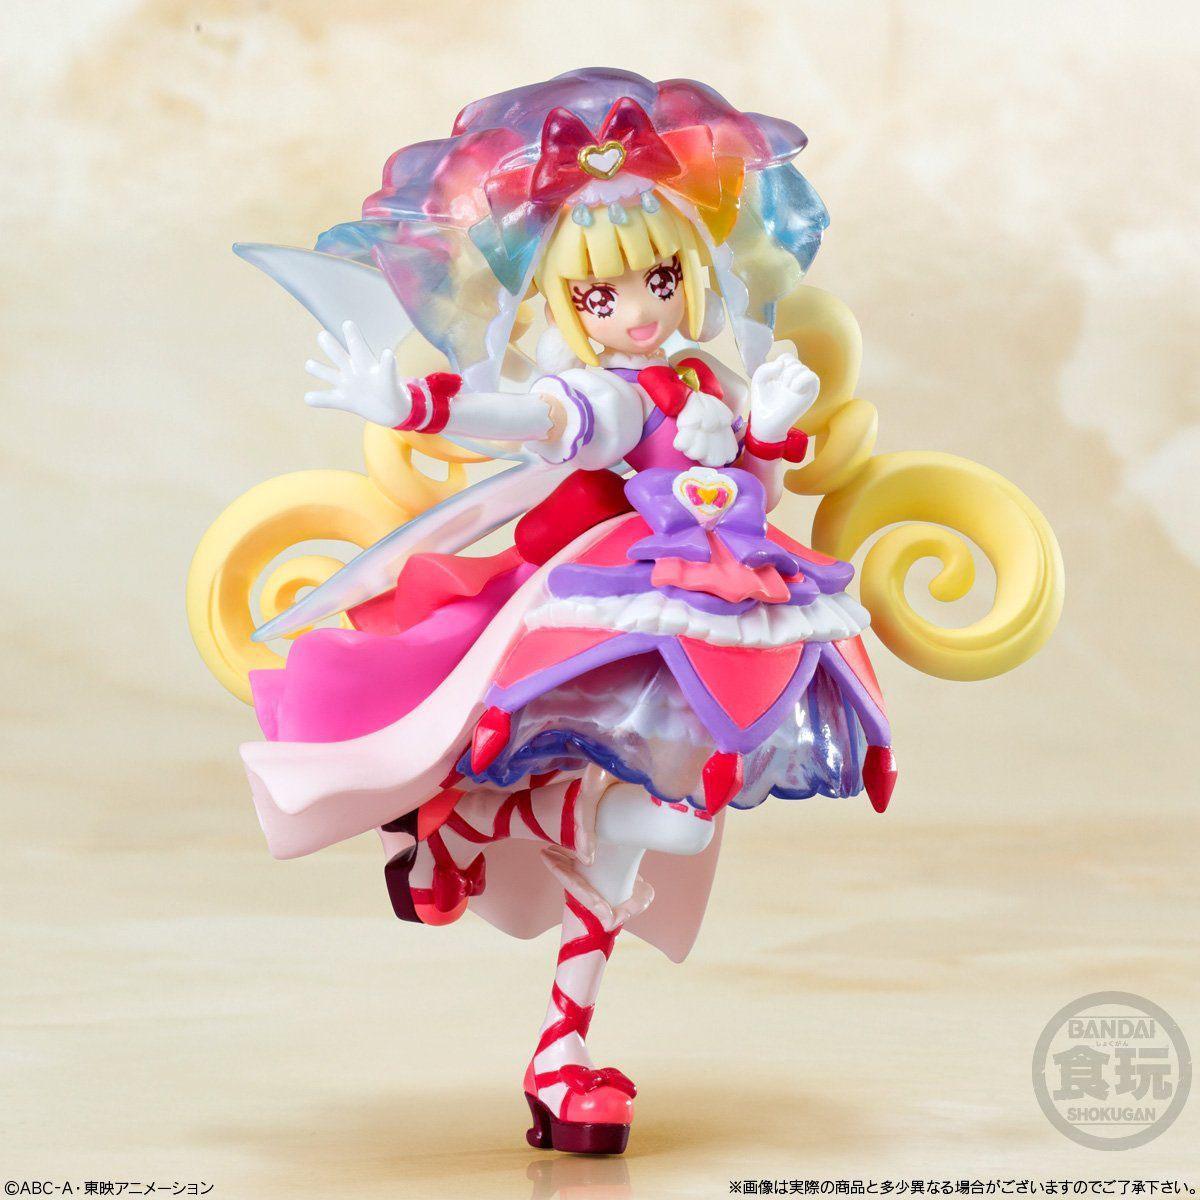 【食玩】HUGっと!プリキュア『キューティーフィギュア 4 Special Set』 トレーディング・フィギュア-003